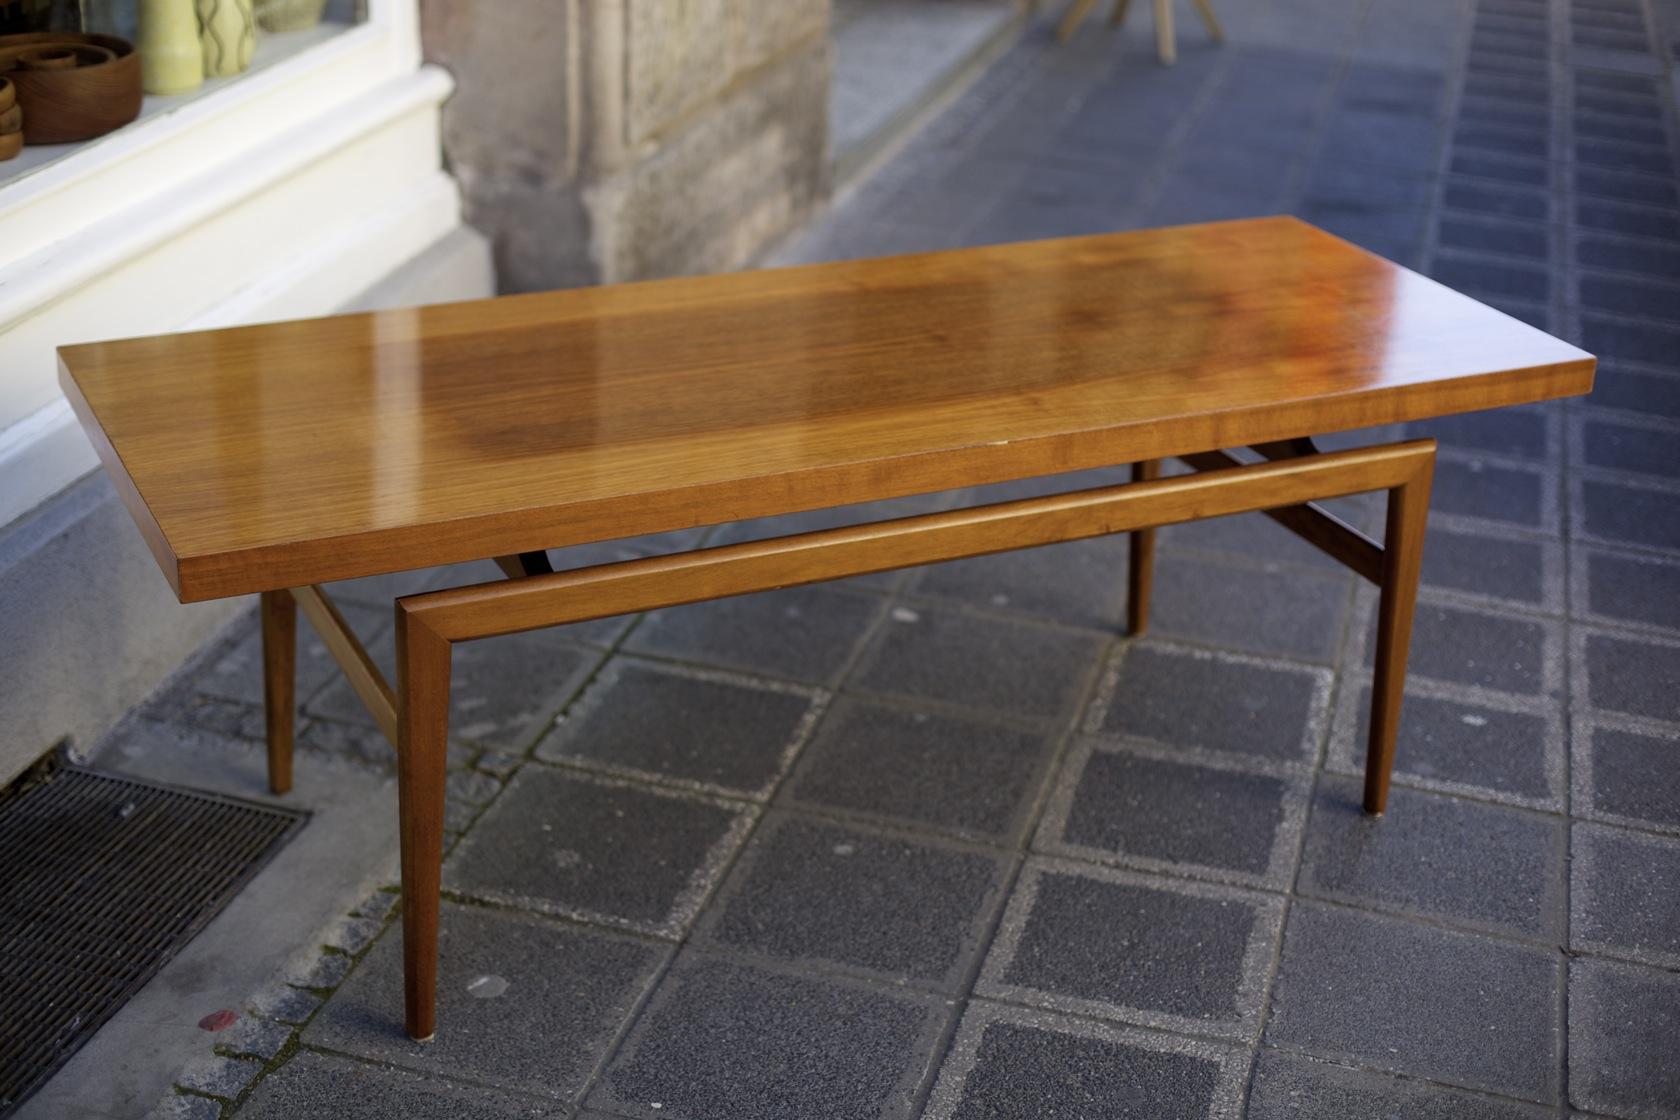 couchtisch aus den 60er jahren raumwunder vintage wohnen in n rnberg. Black Bedroom Furniture Sets. Home Design Ideas